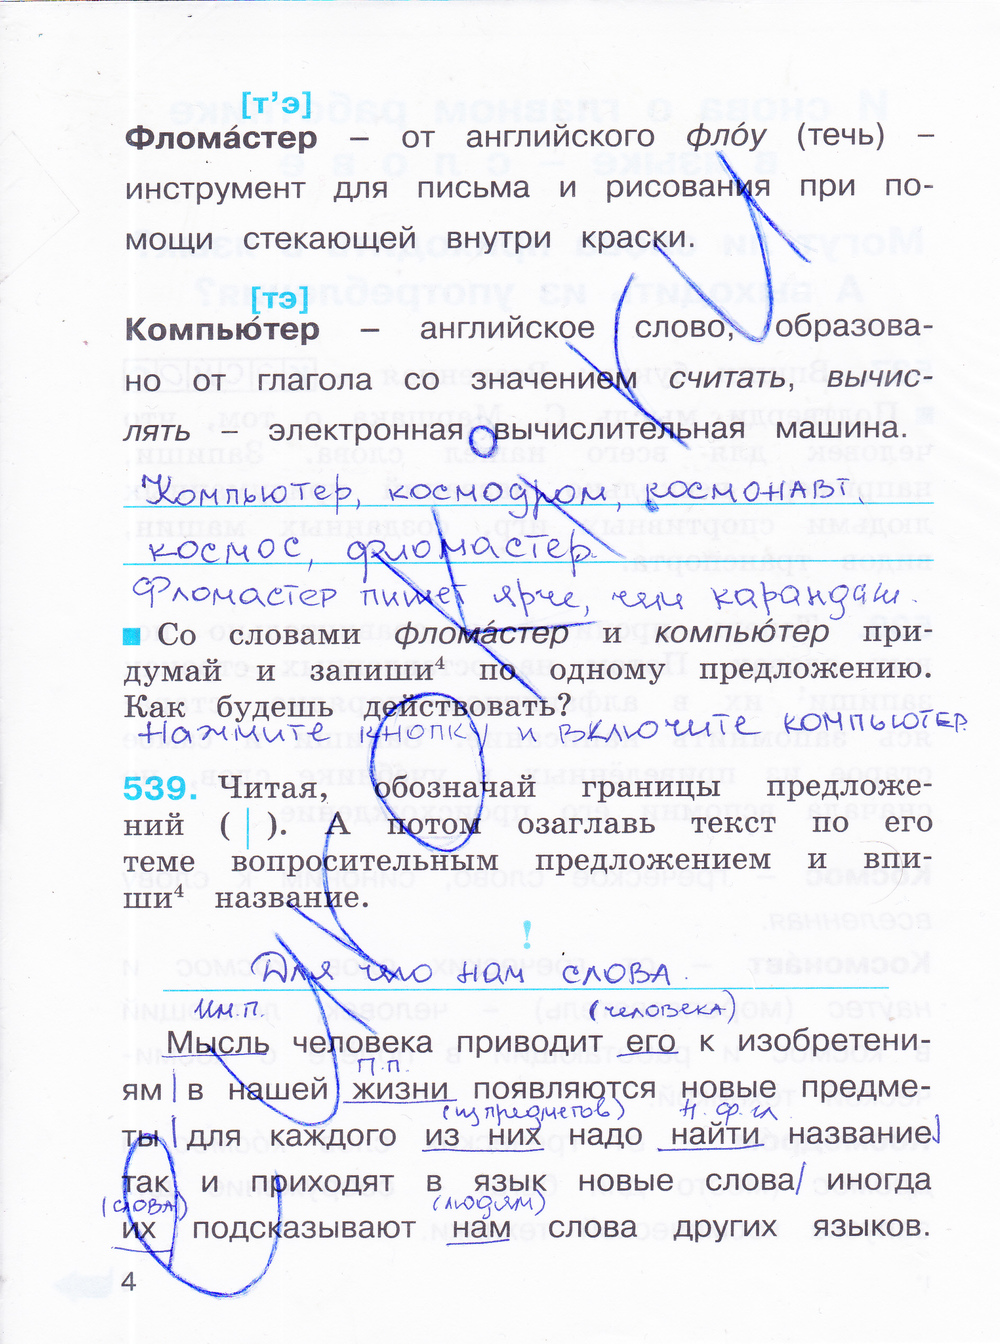 решебник ответы русский 4 класс язык кузьменко